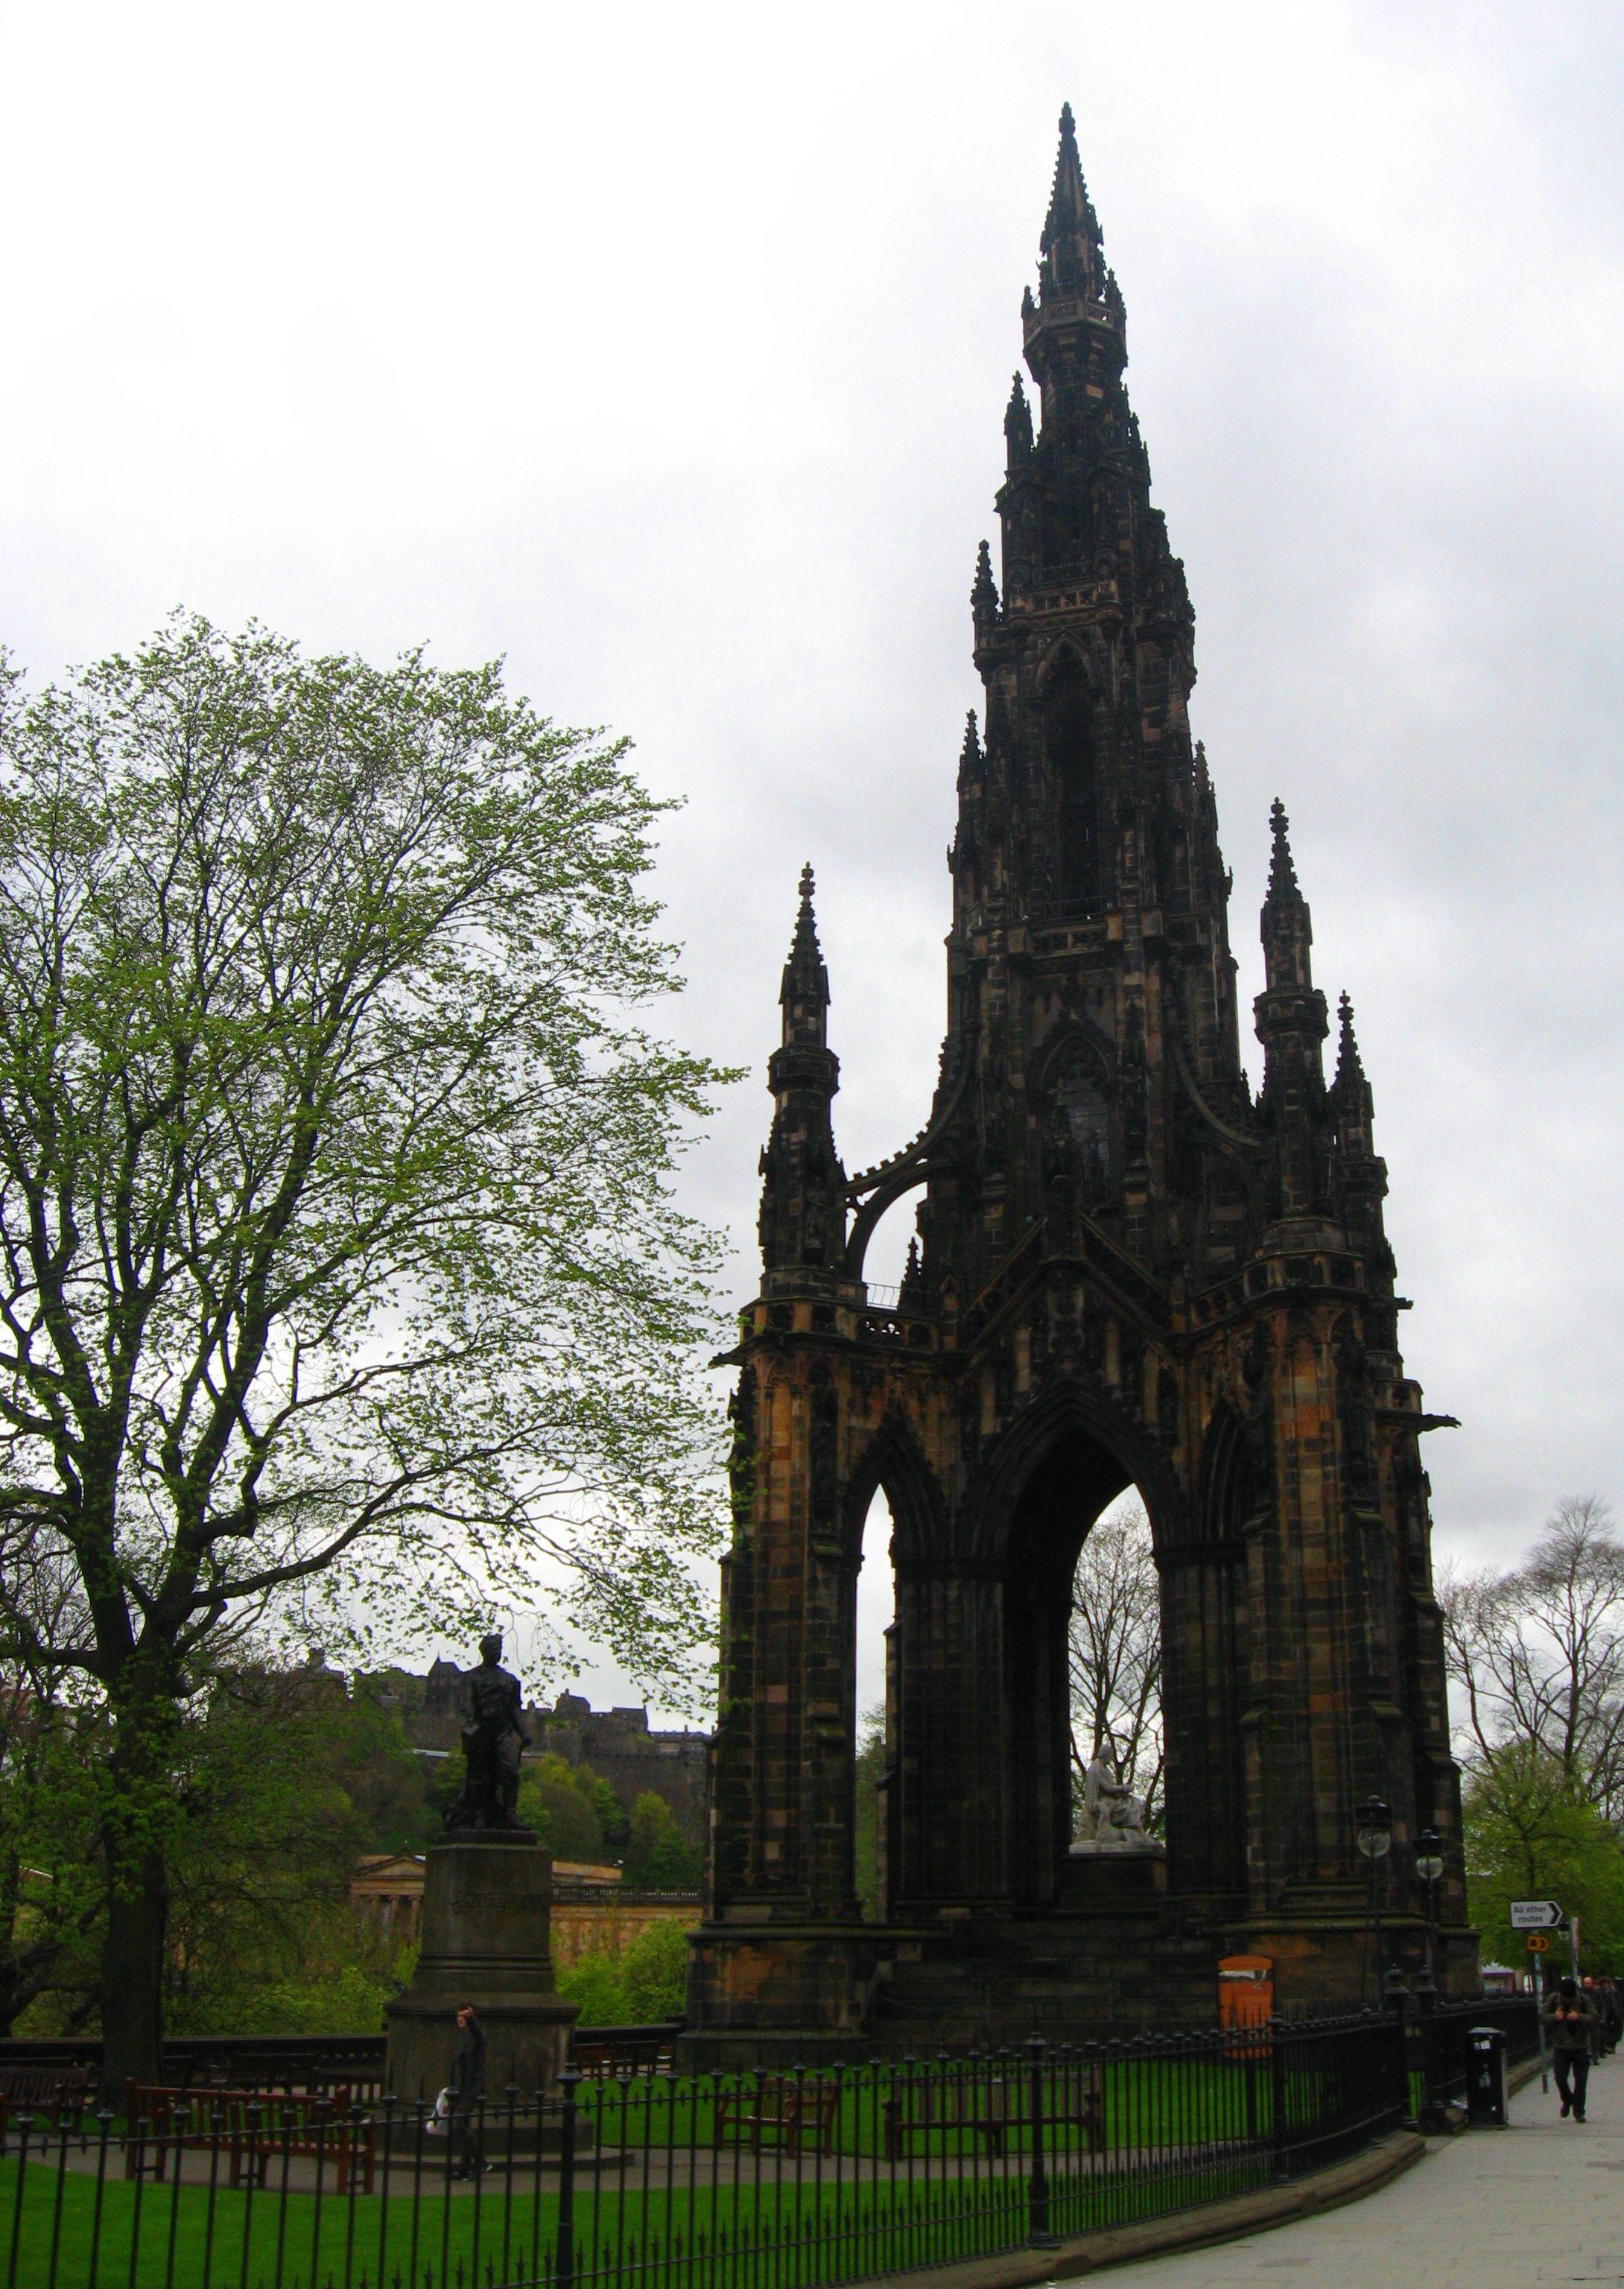 Sir Walter Scott Monument, Edinburgh, Scotland - Victorian Gothic ...